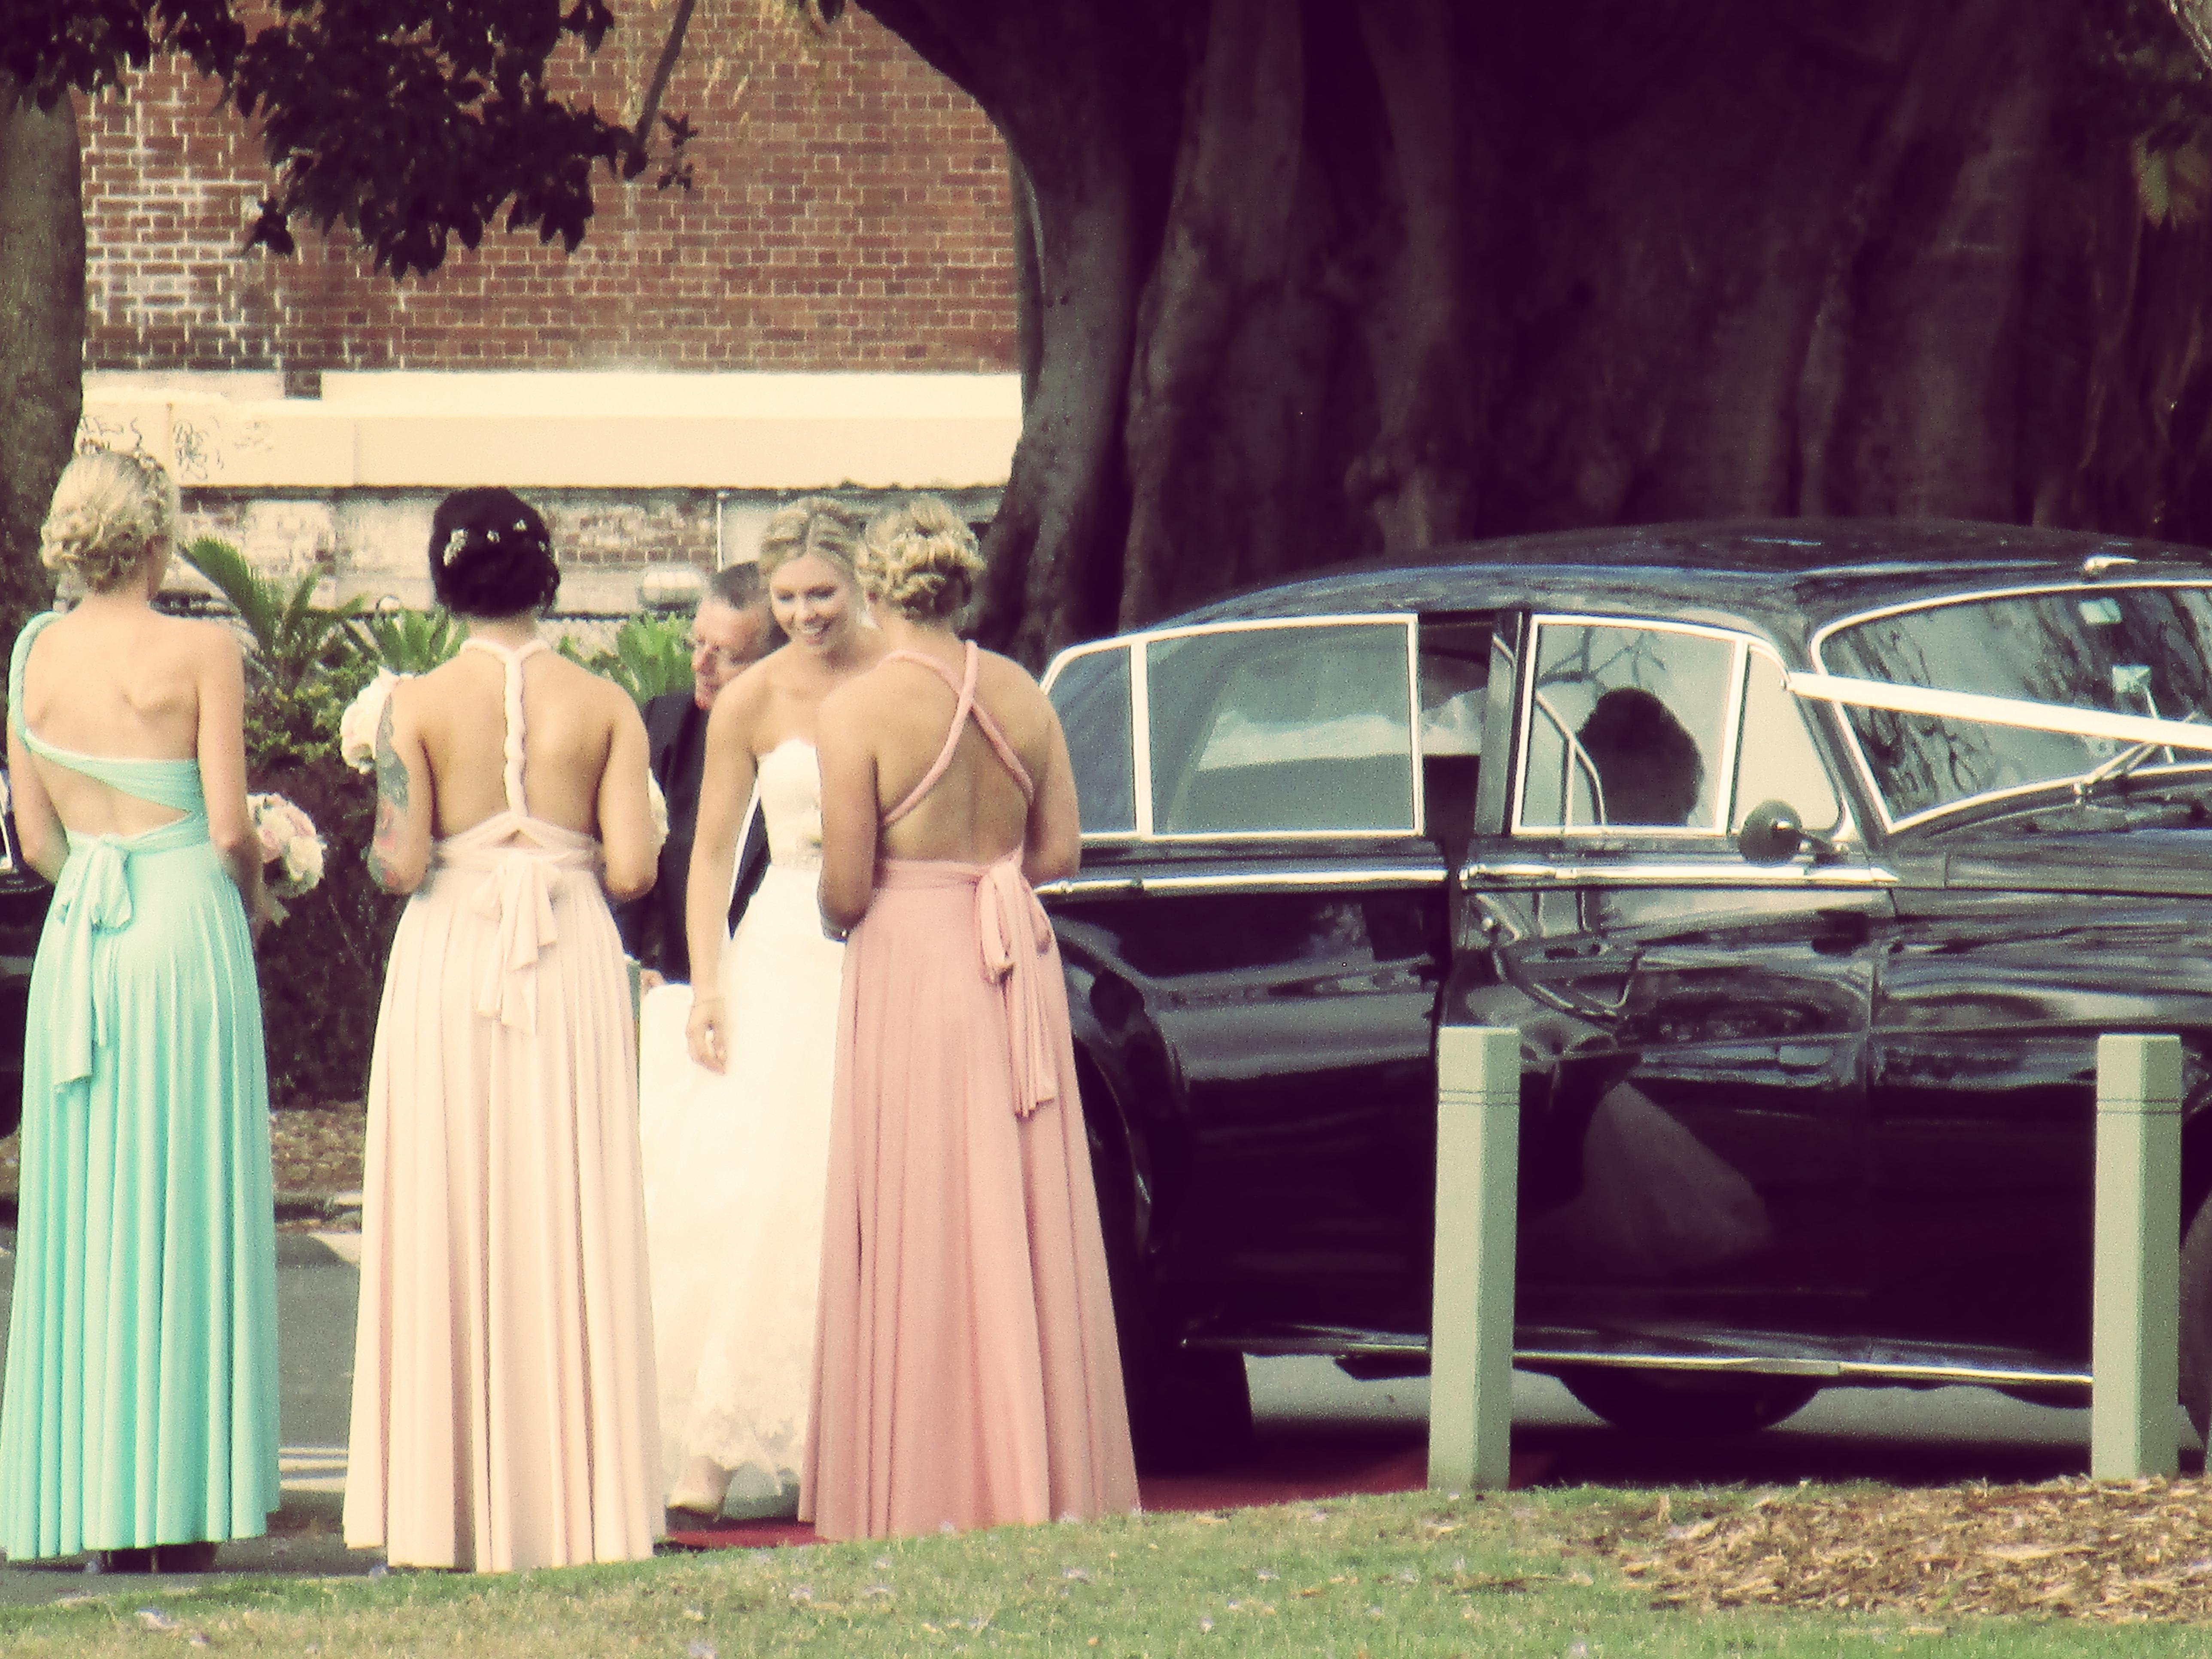 IMG_0620_NF bride and maids at car